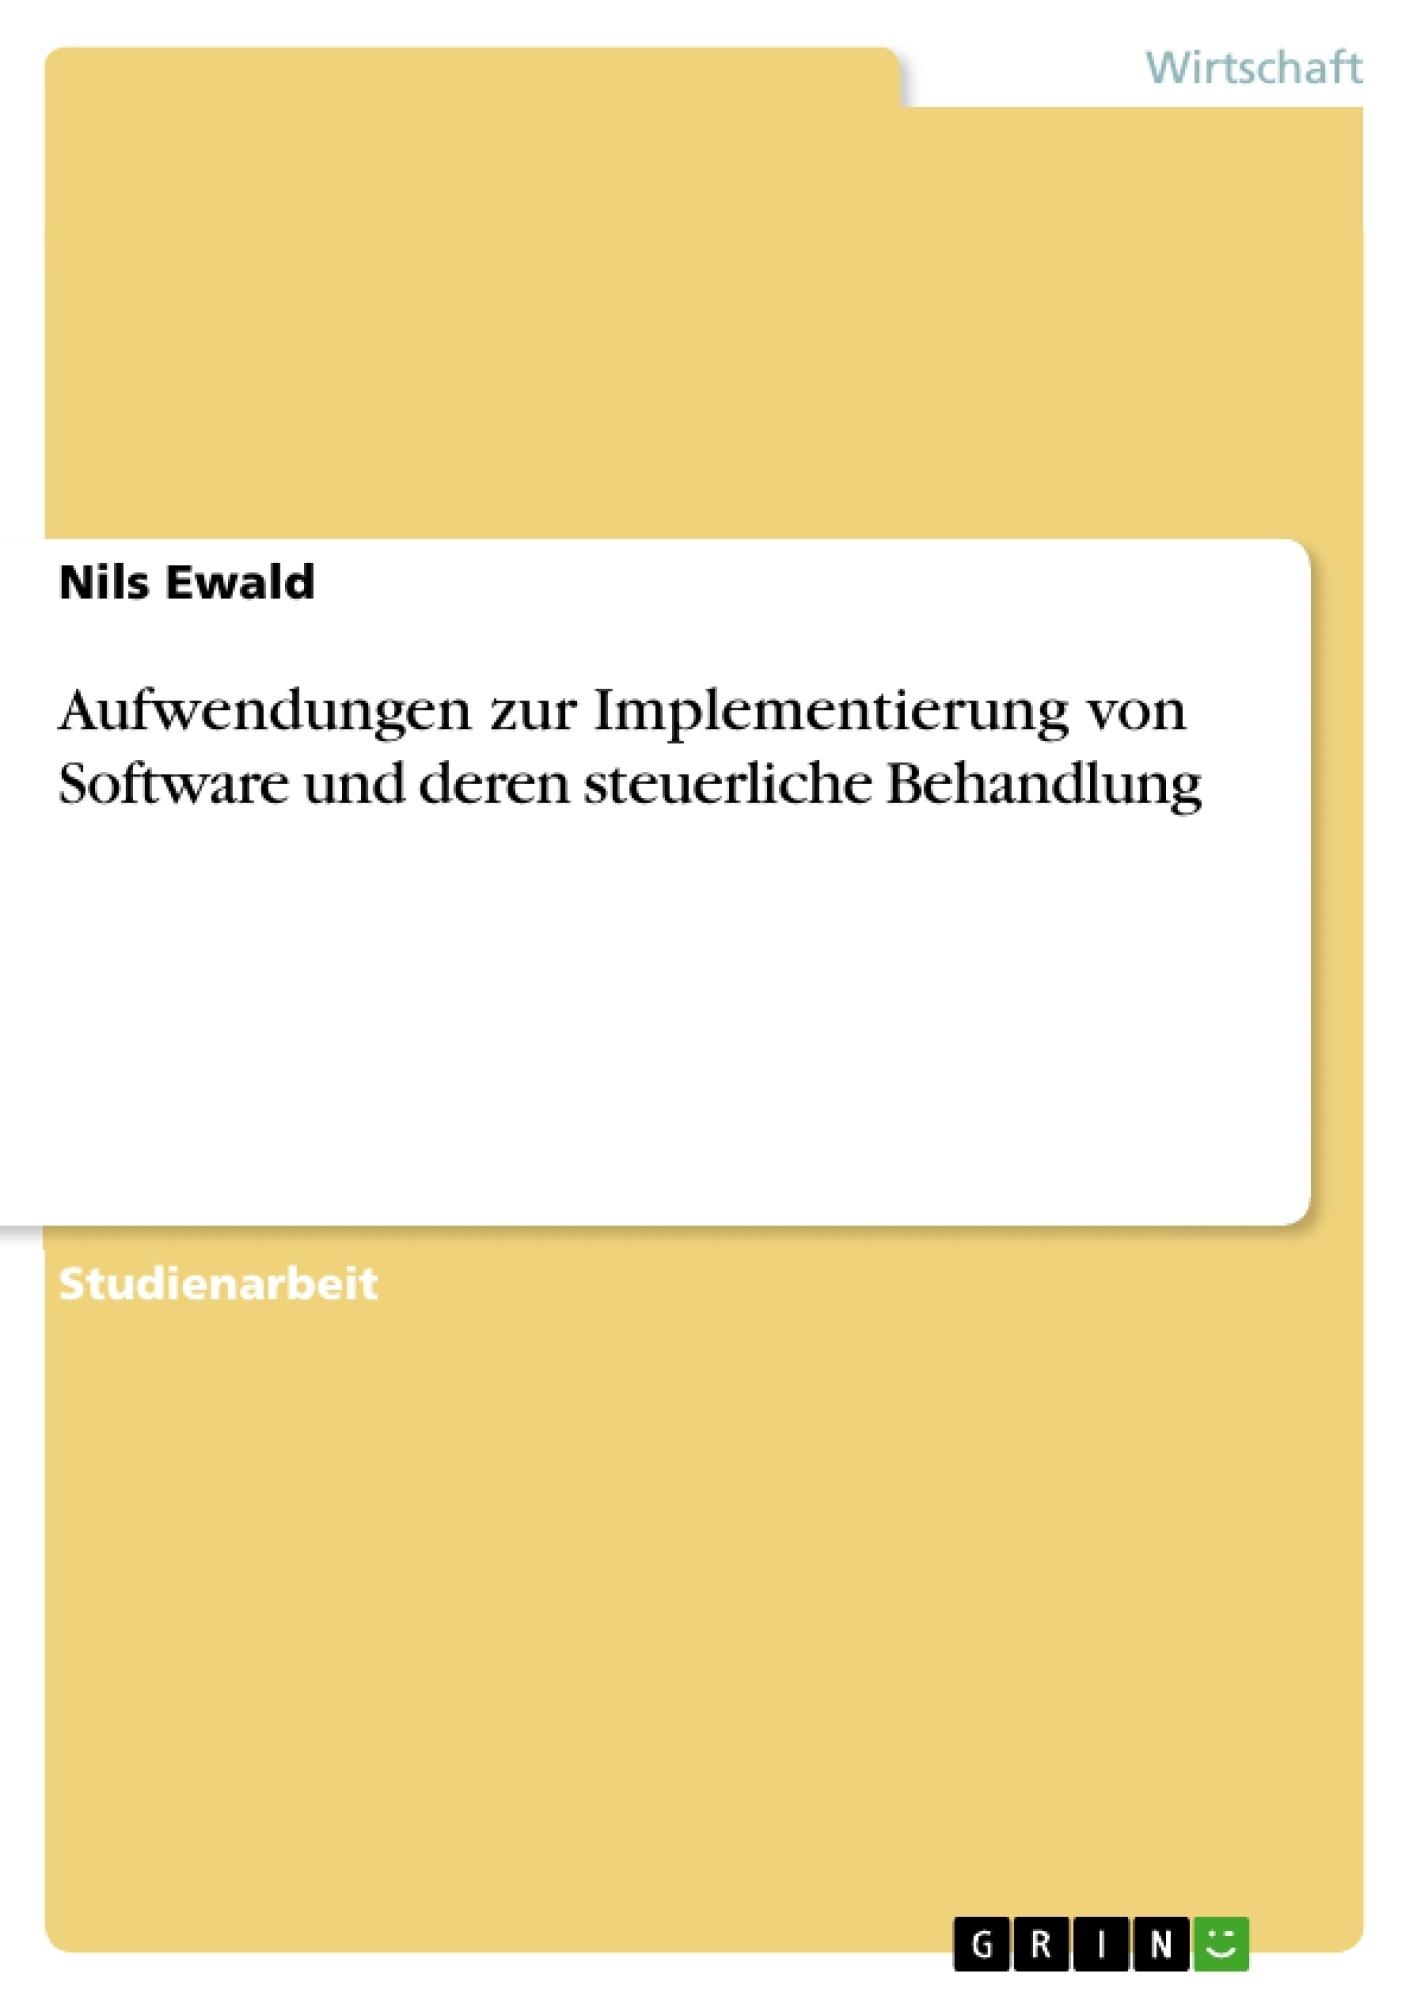 Titel: Aufwendungen zur Implementierung von Software und deren steuerliche Behandlung